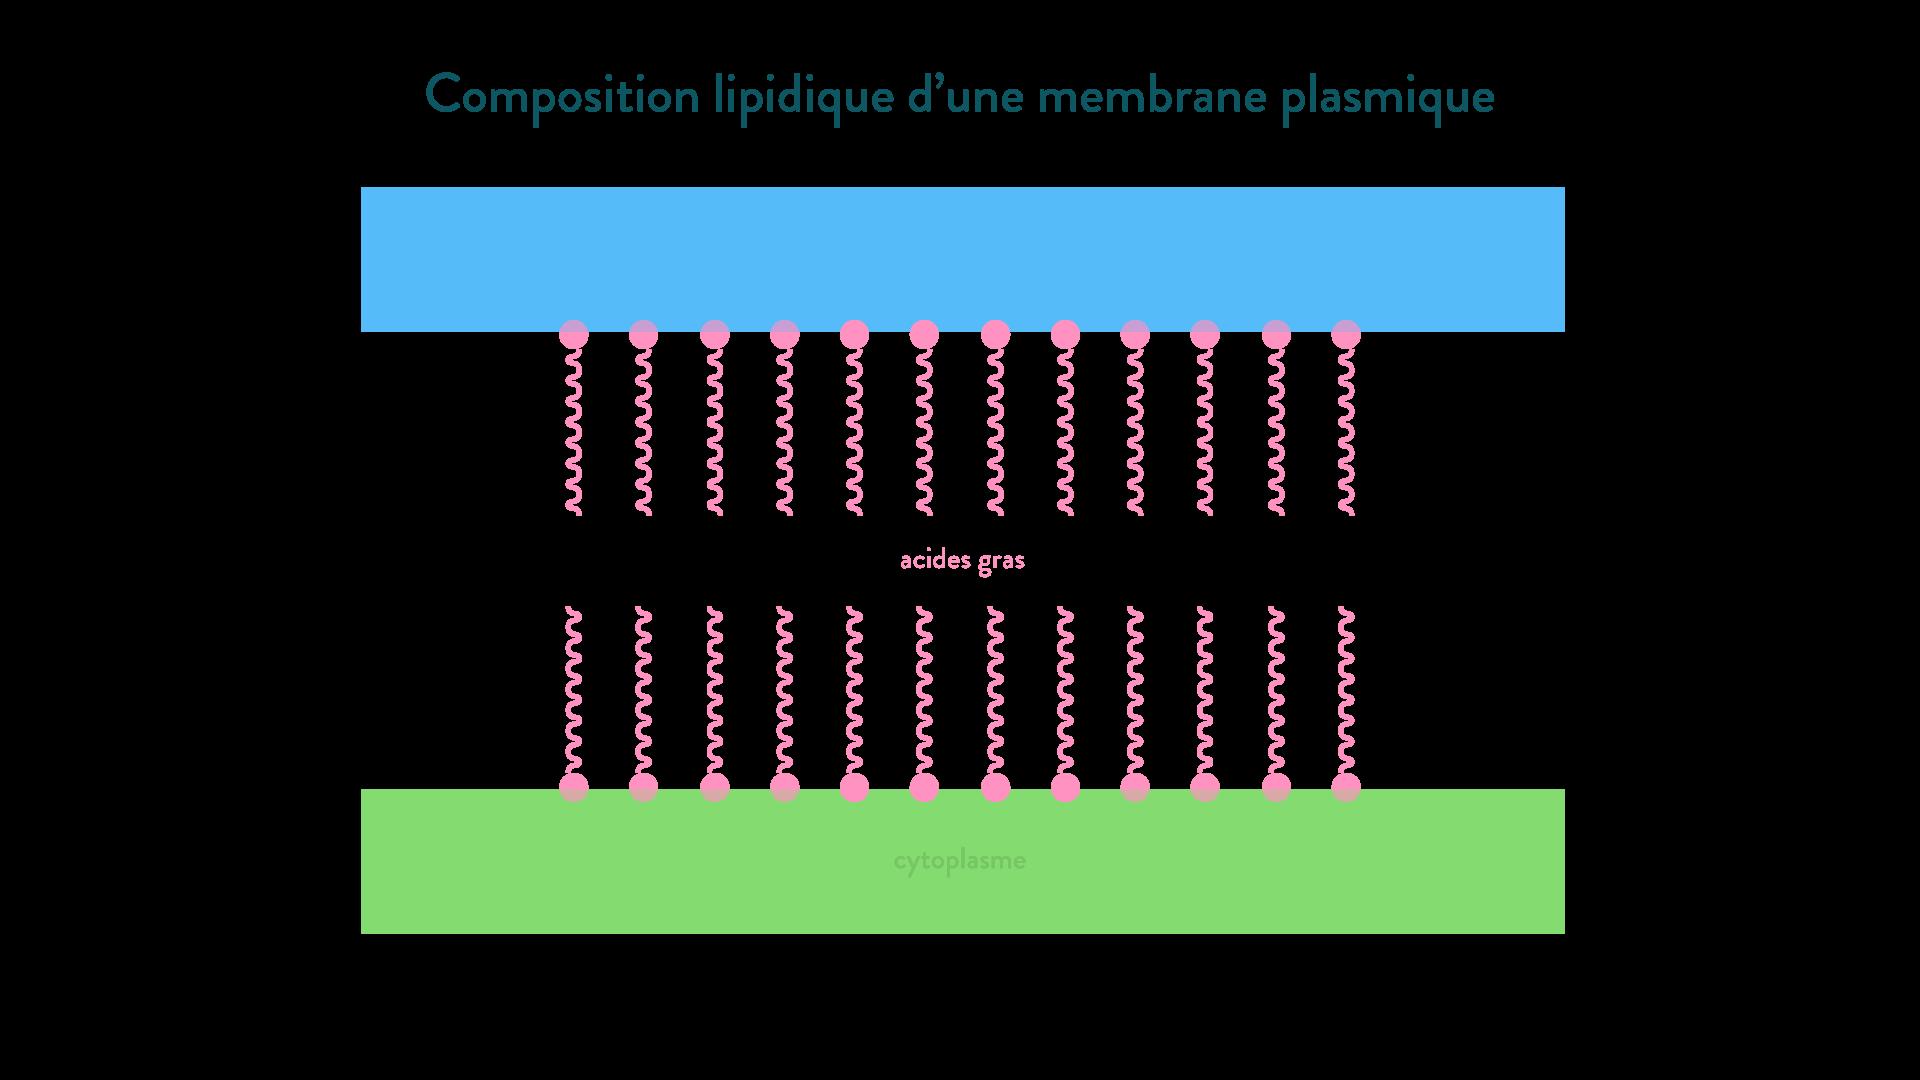 membrane plasmique composition lipidique acides gras